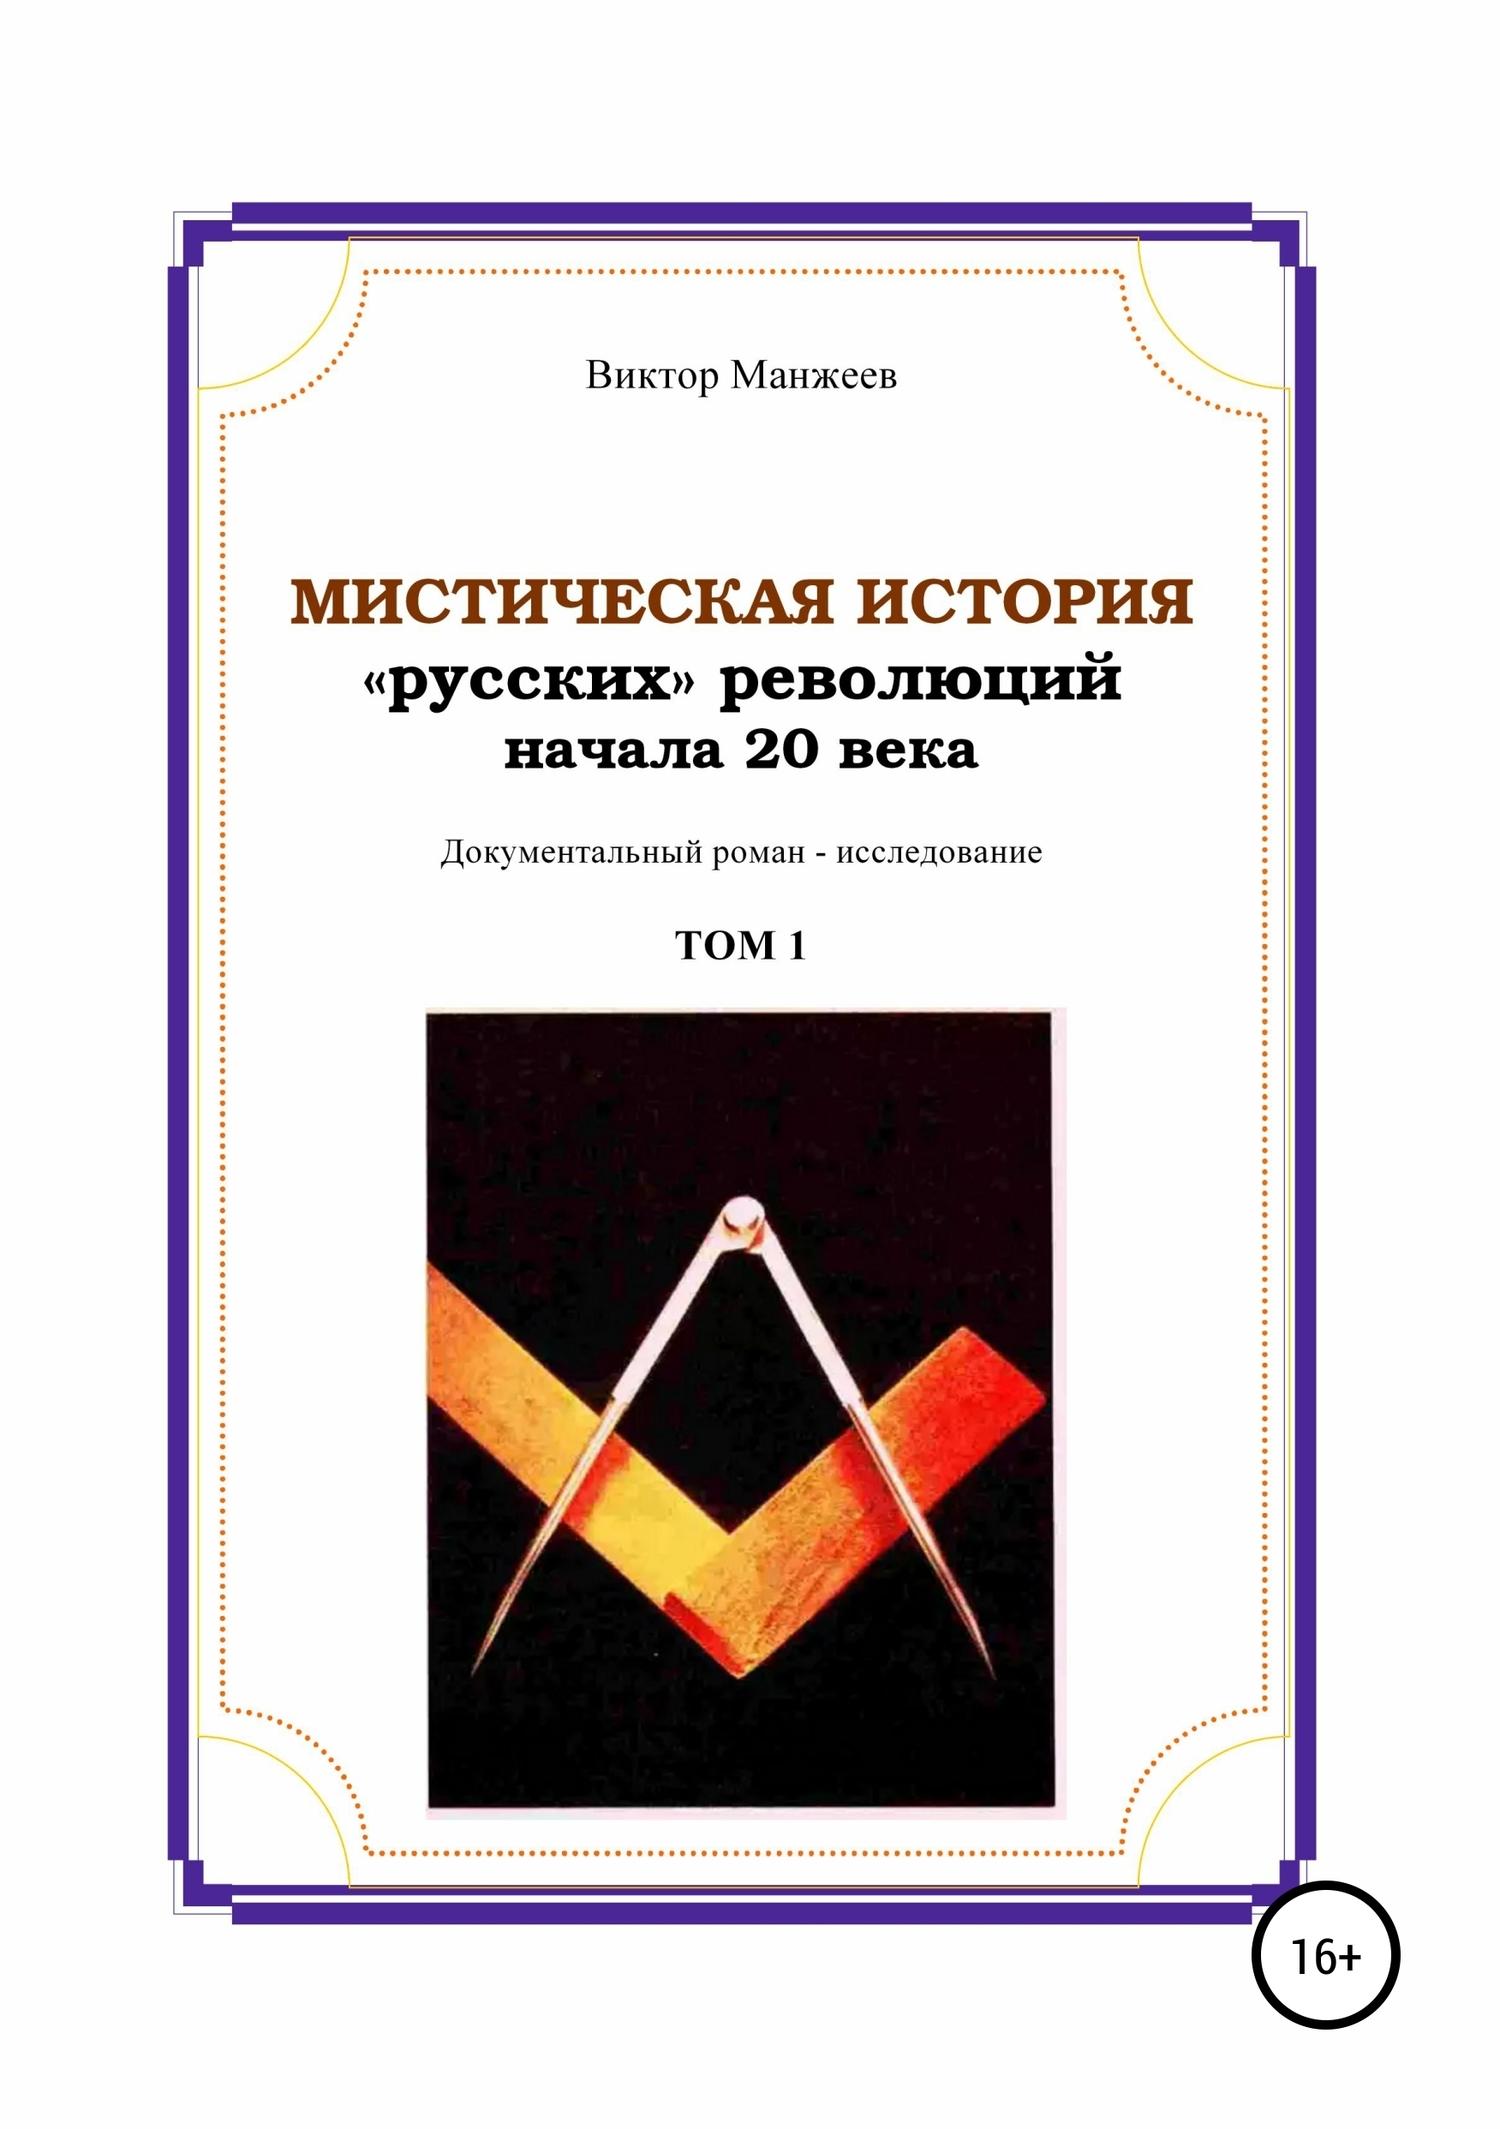 Виктор Манжеев - Мистическая история «русских» революций начала 20 века. Том 1